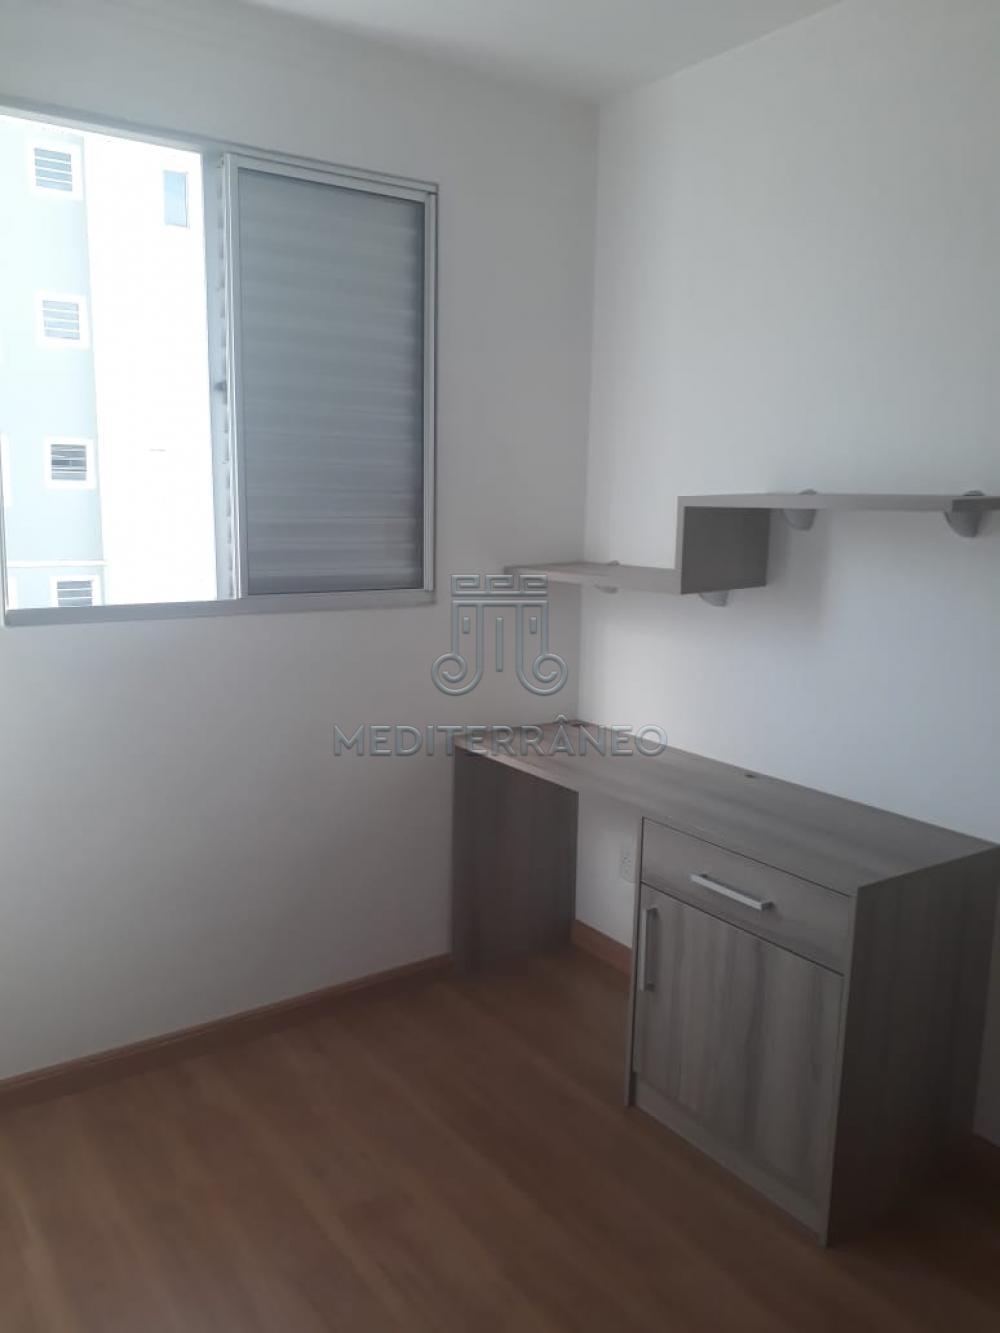 Comprar Apartamento / Padrão em Jundiaí apenas R$ 225.000,00 - Foto 10